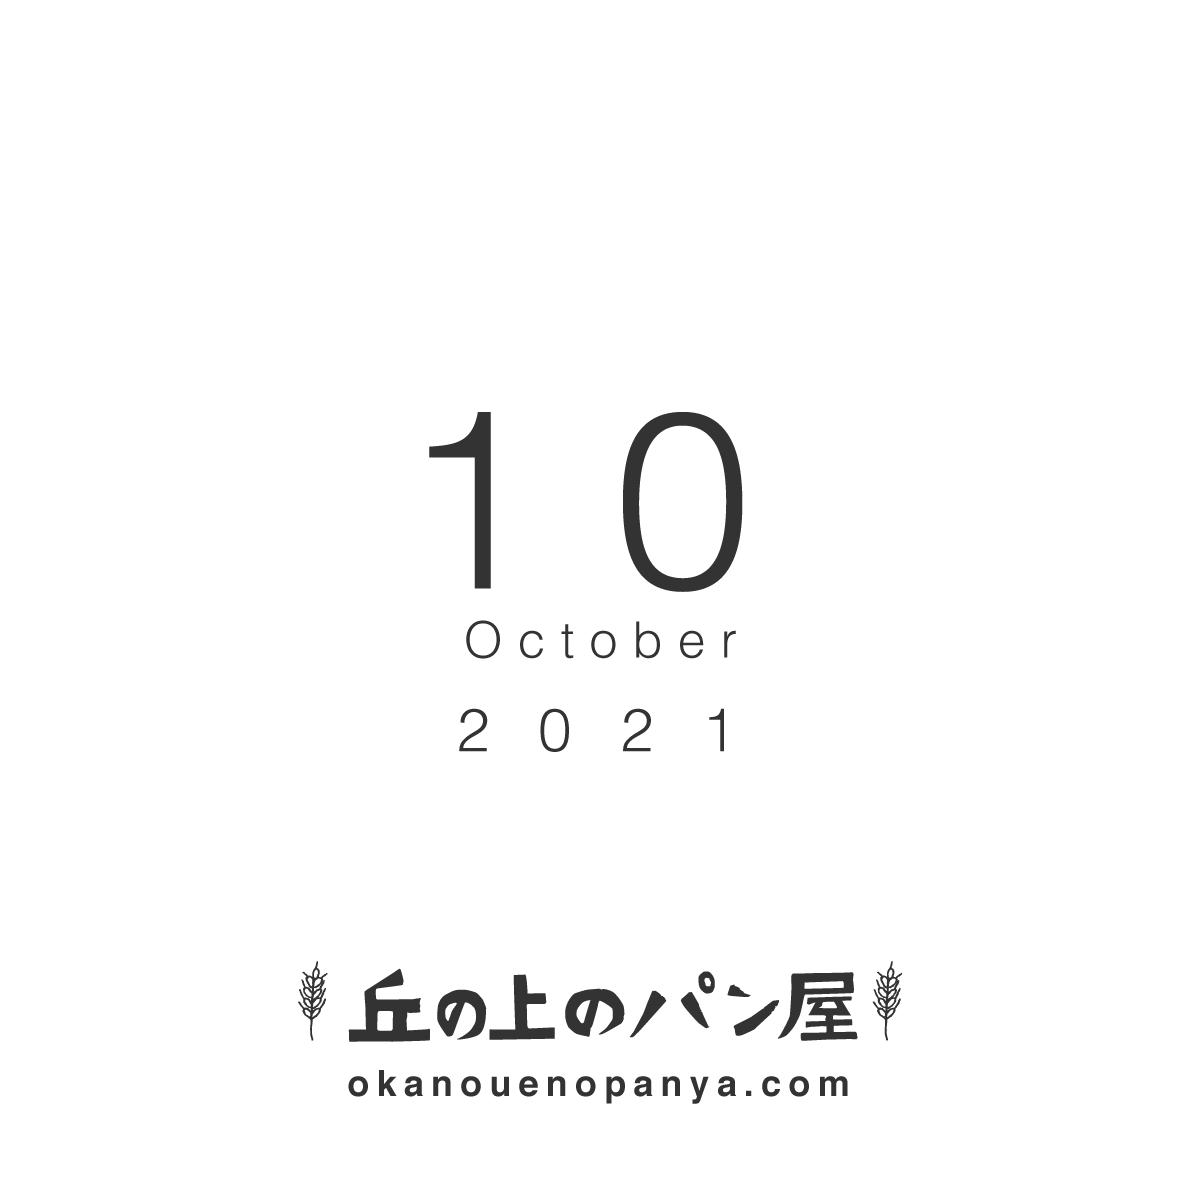 2021年10月の営業日のお知らせ